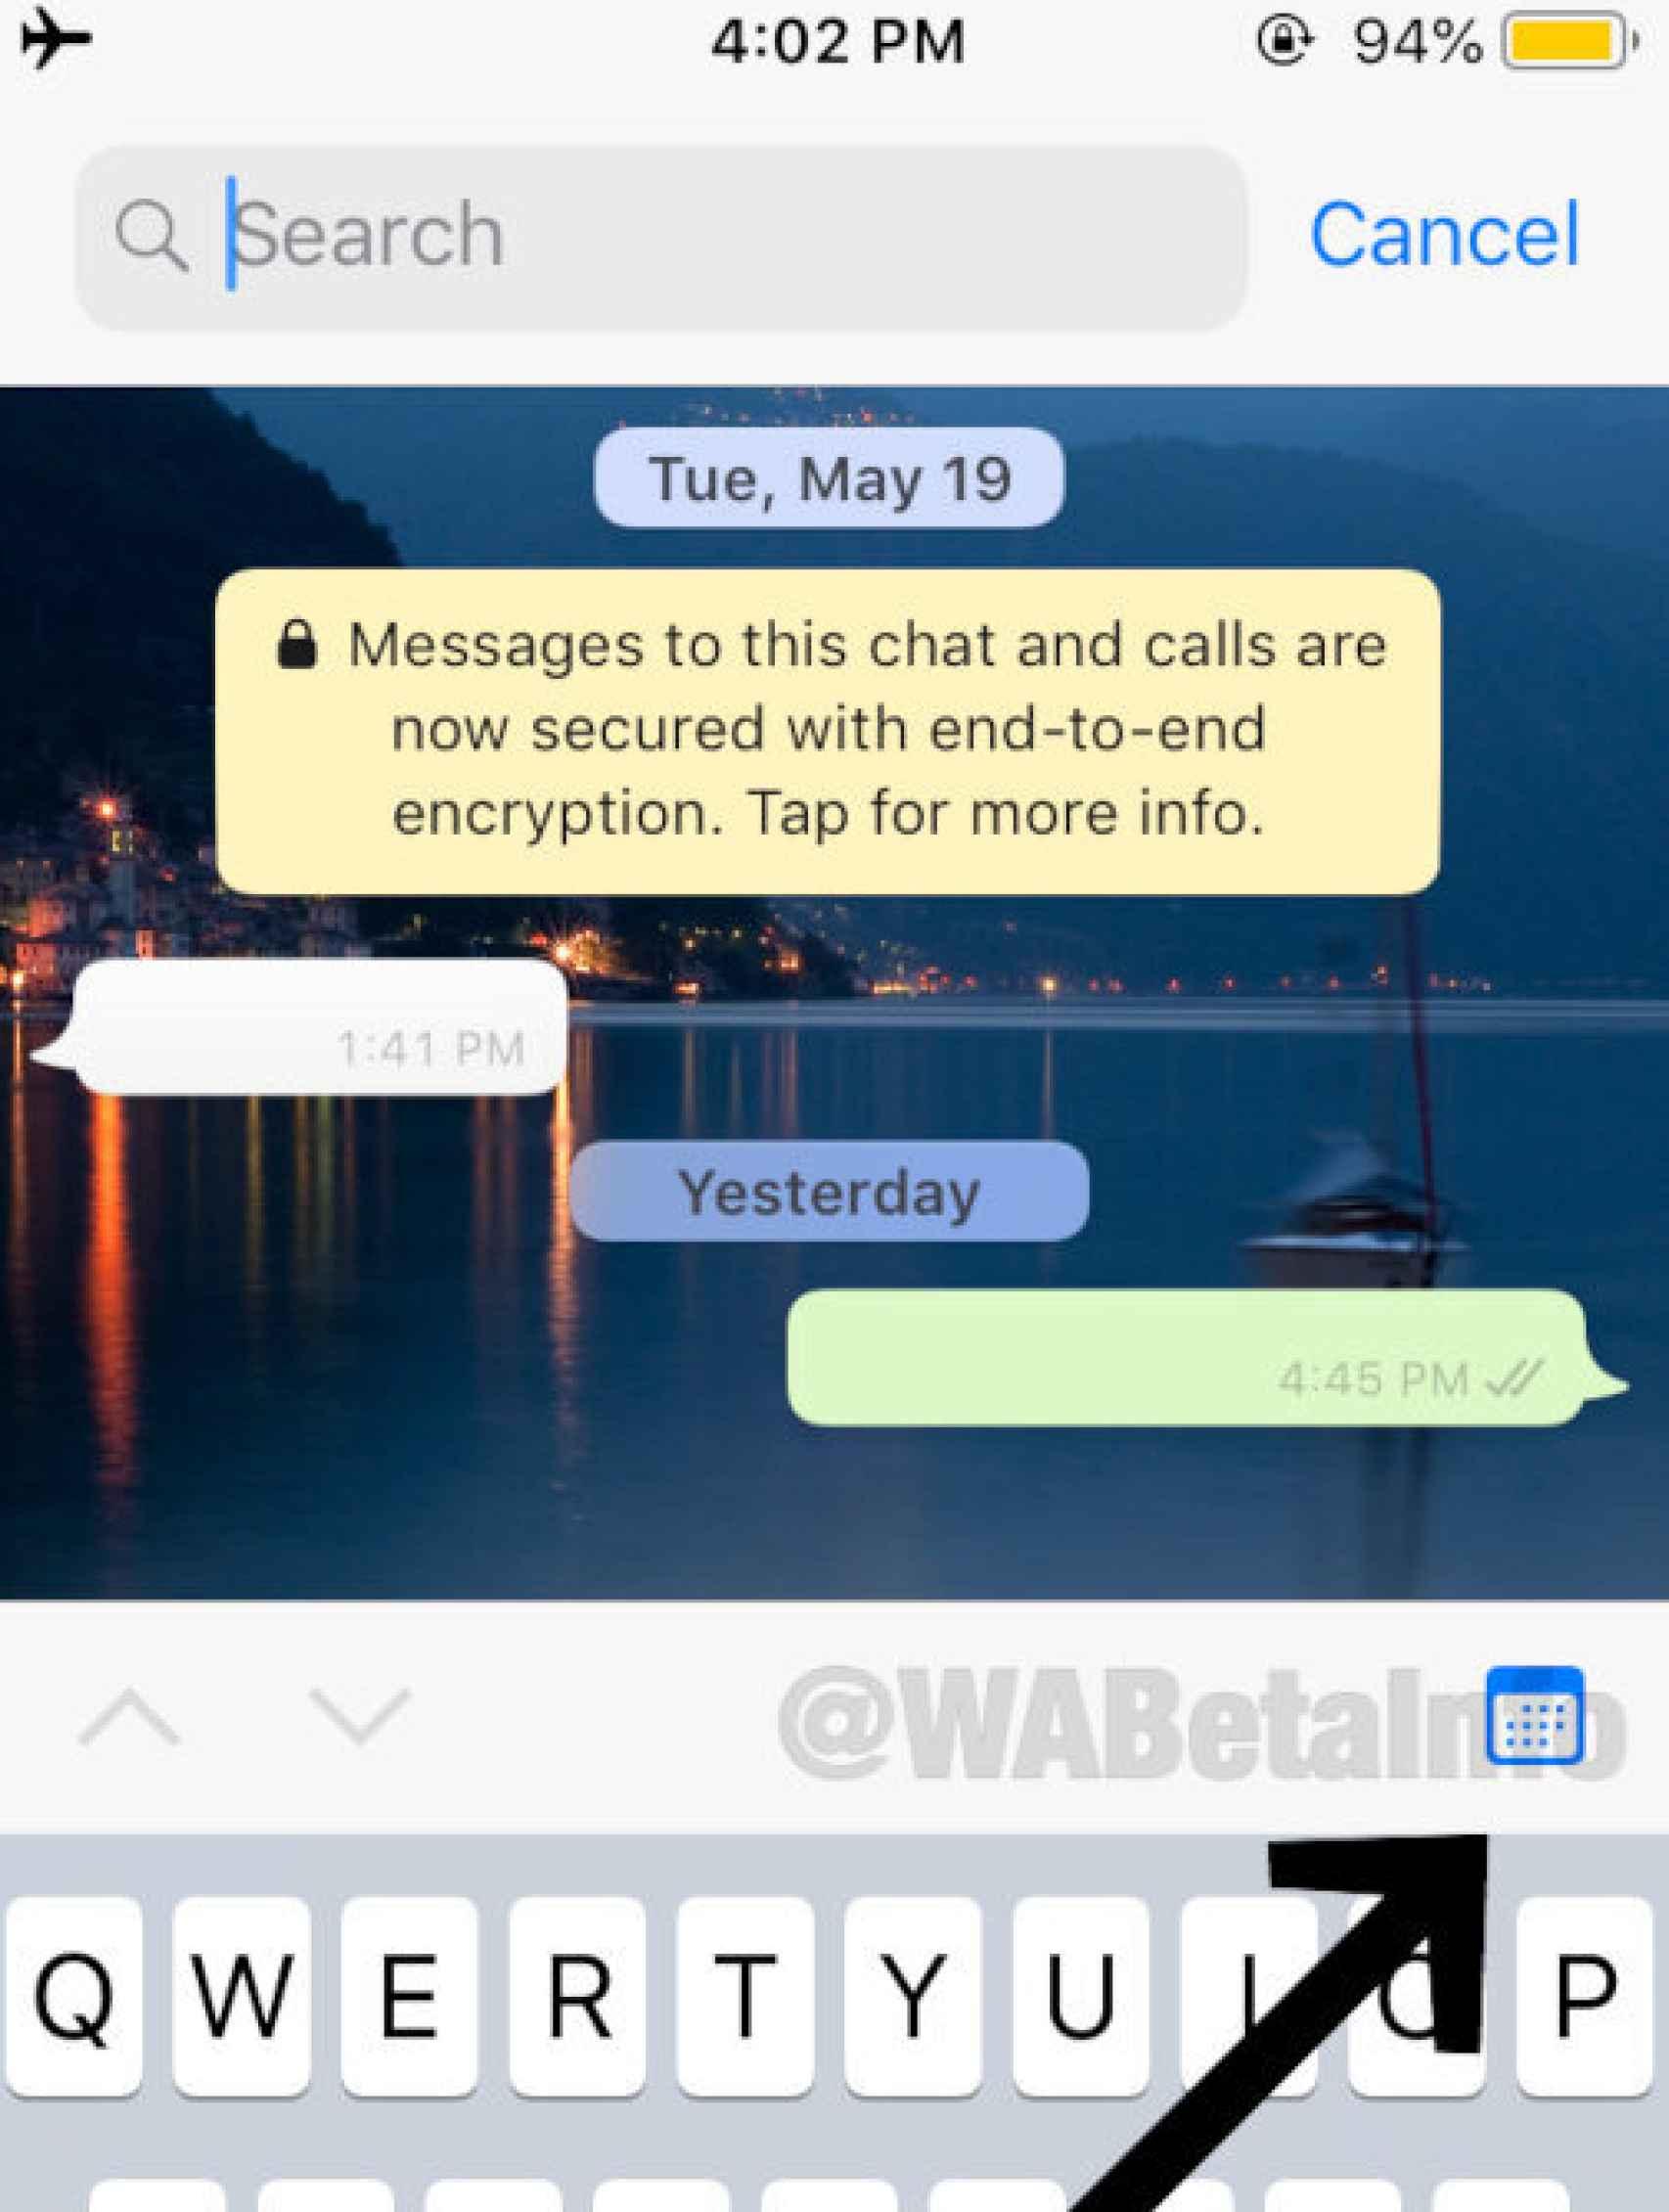 El nuevo icono de búsqueda en WhatsApp